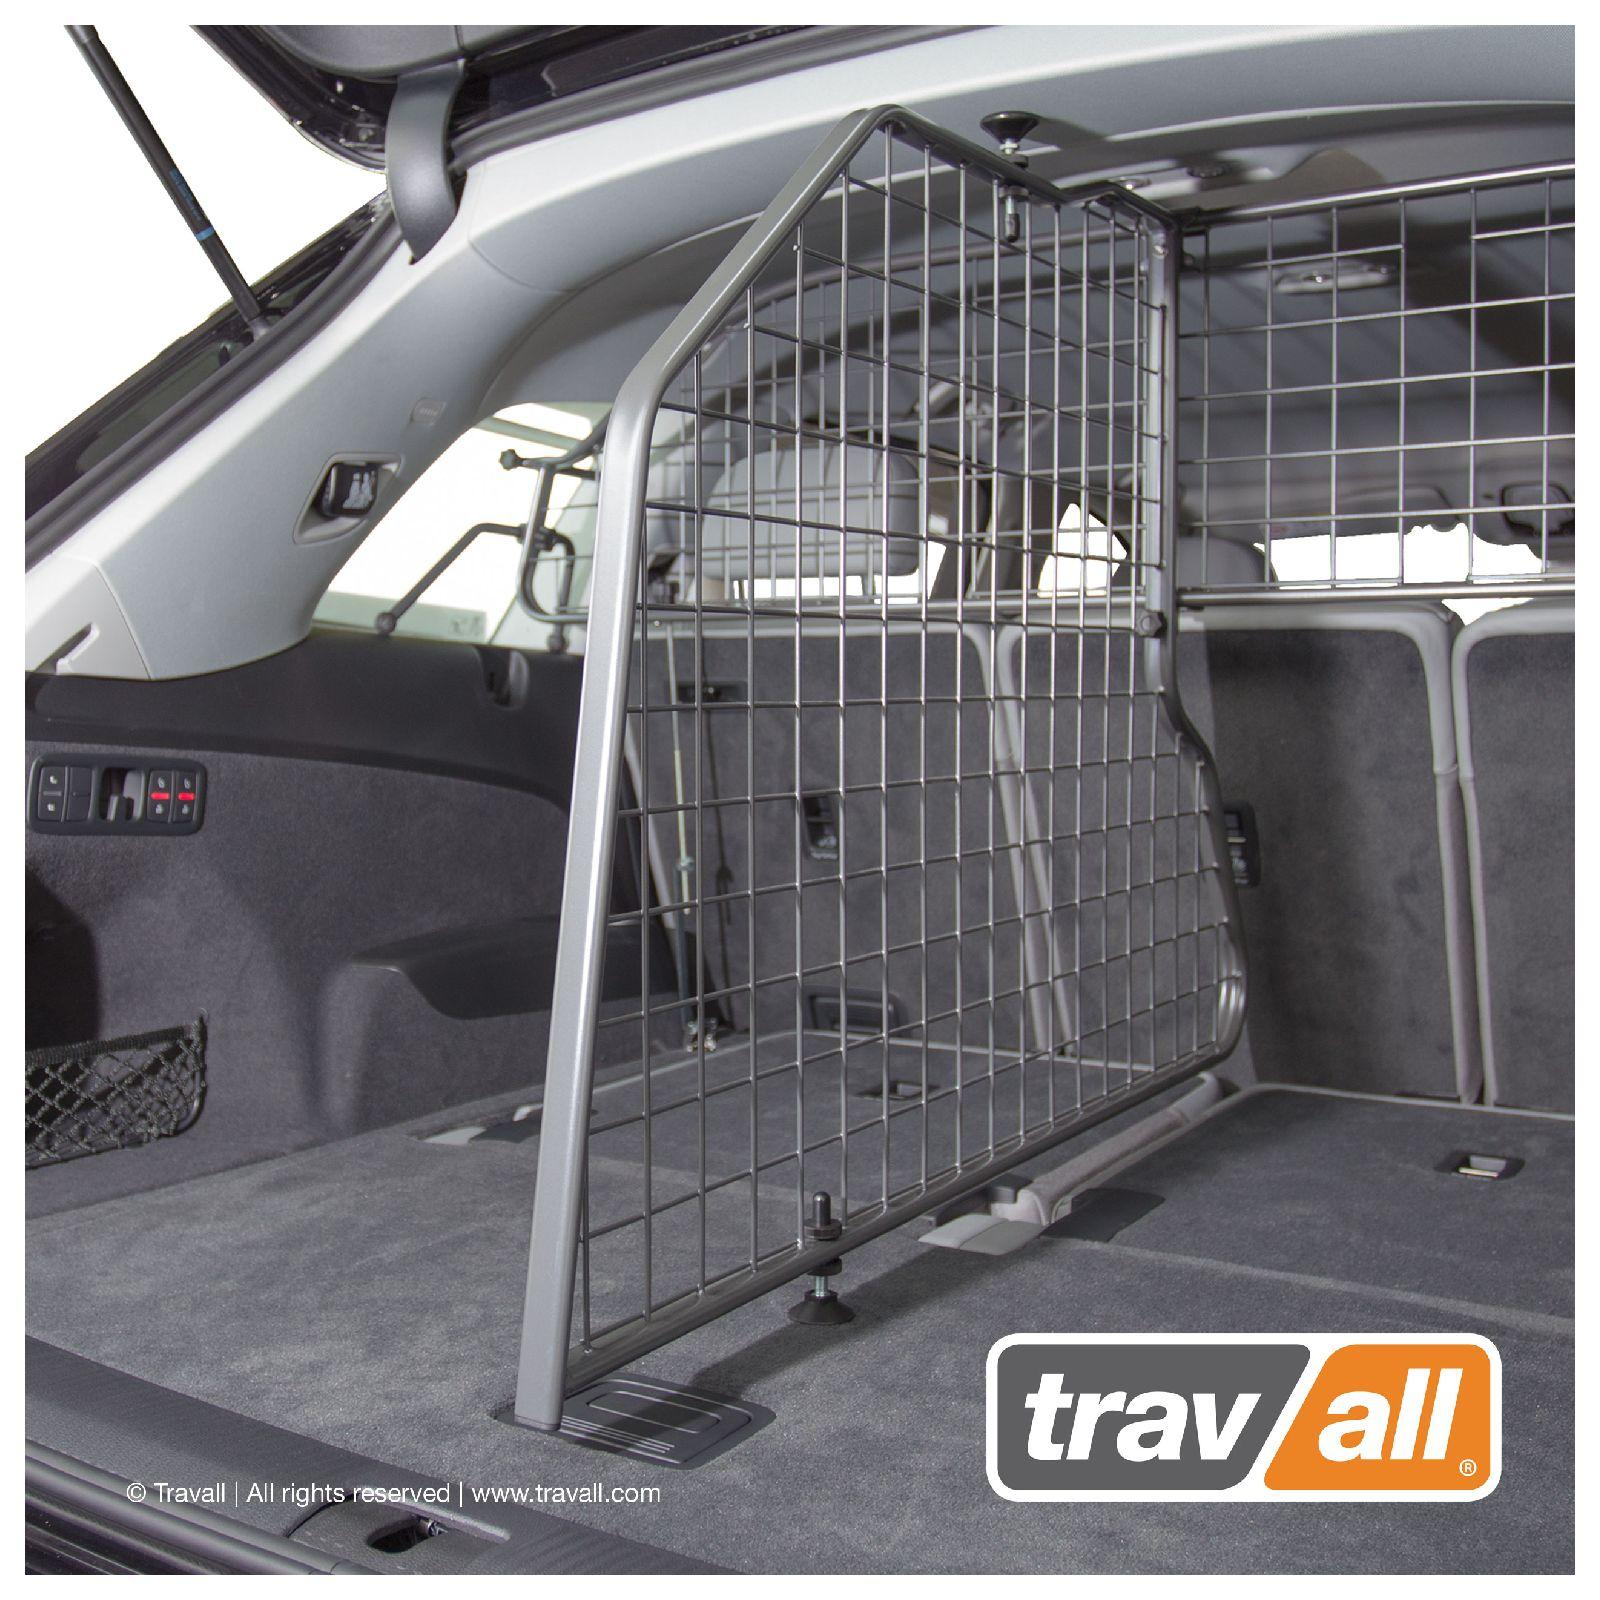 travall dog guard divider volkswagen passat estate sunroof 2015 ebay. Black Bedroom Furniture Sets. Home Design Ideas